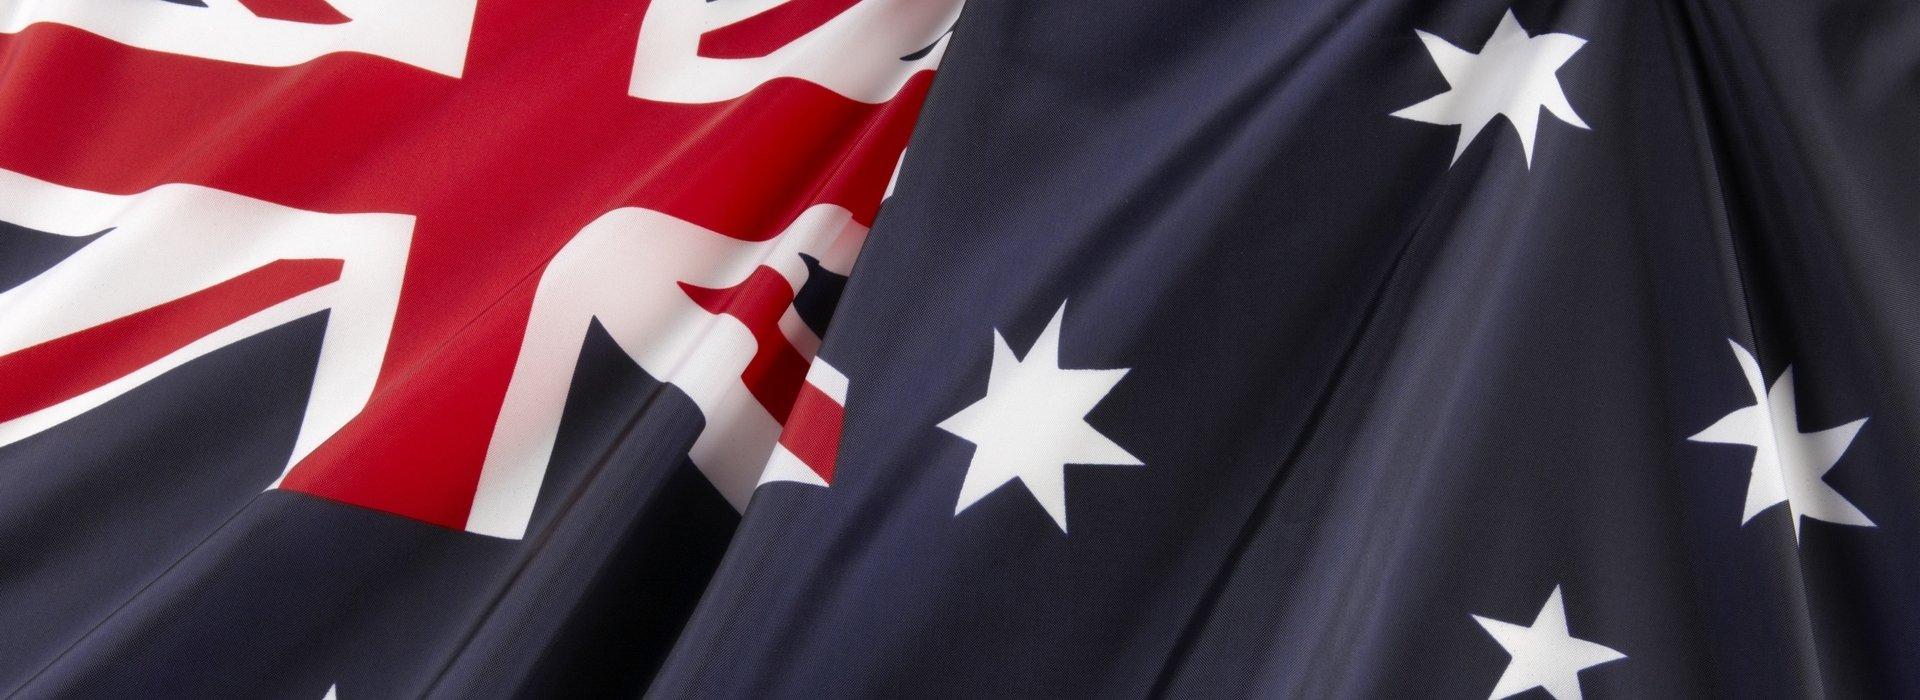 Australische Länder